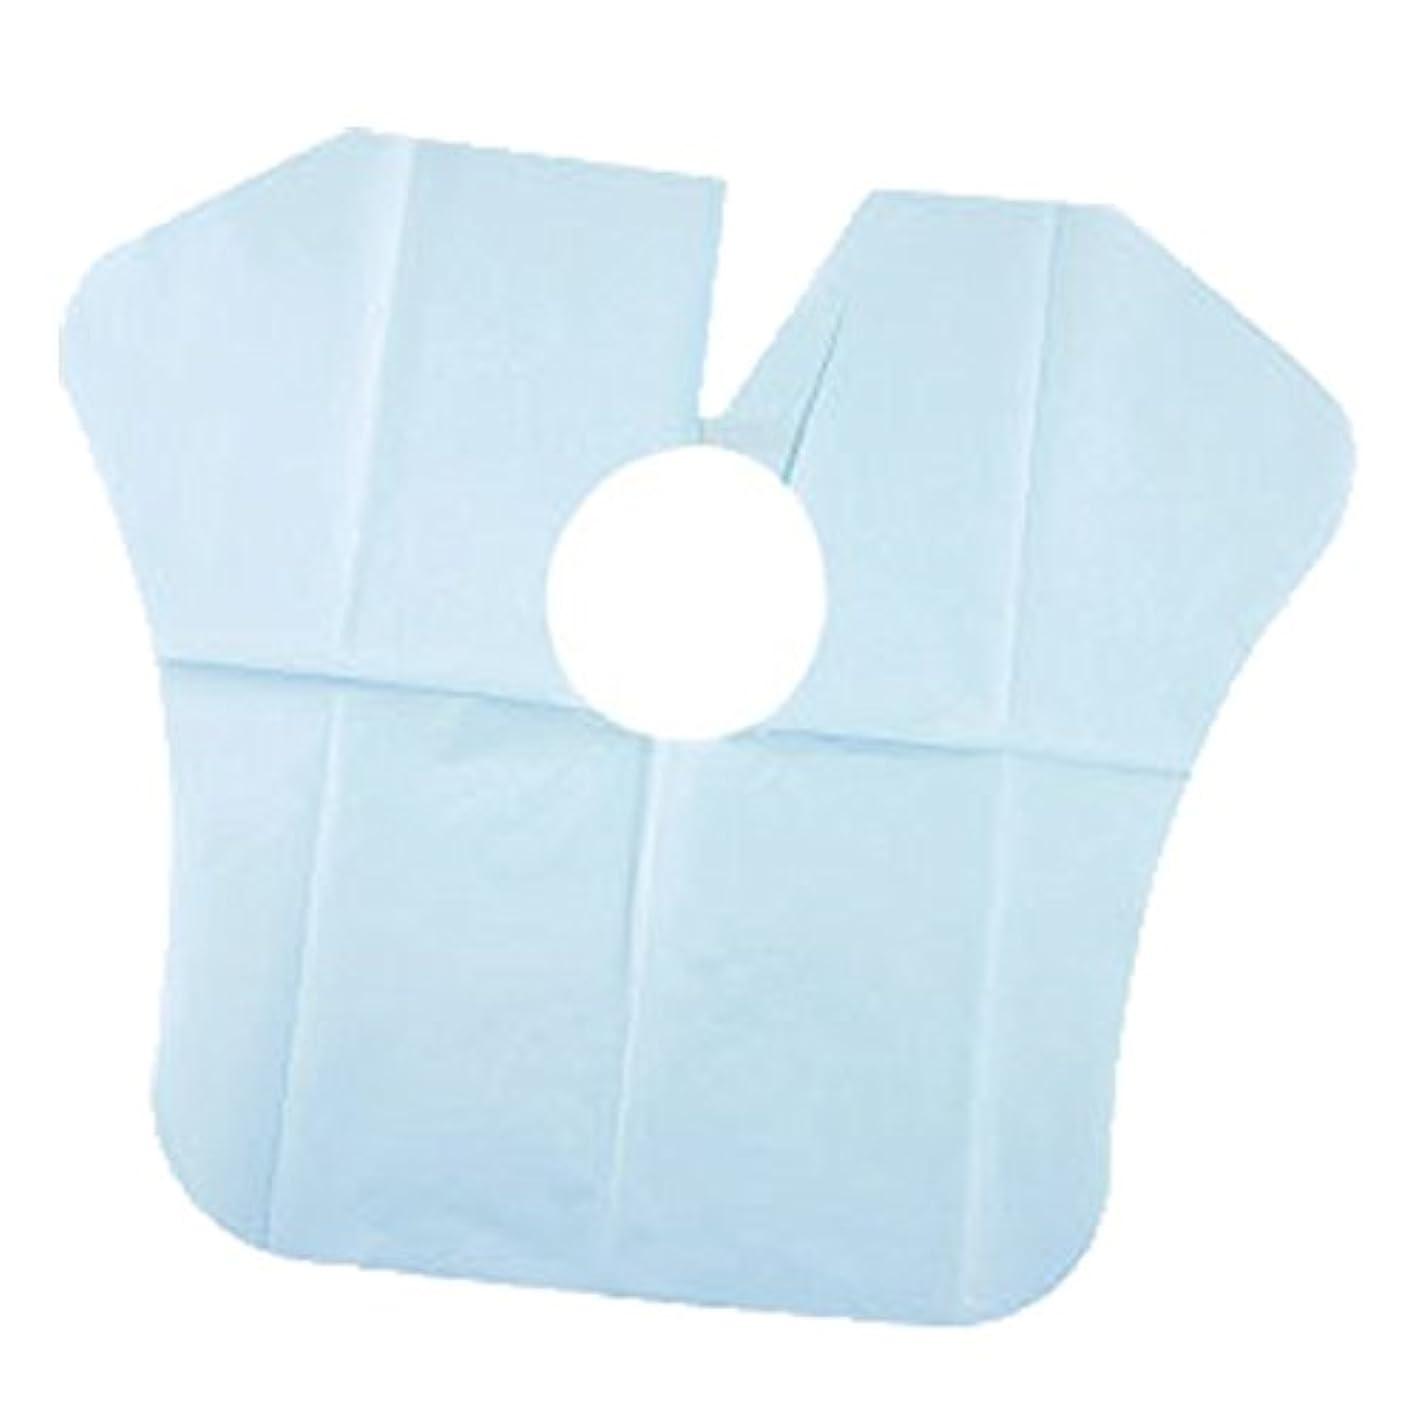 杭転倒確認してくださいヨネコ ペーパーケープ 30枚入 不織布 ヘアダイクロスを汚れから守ります! YONECO